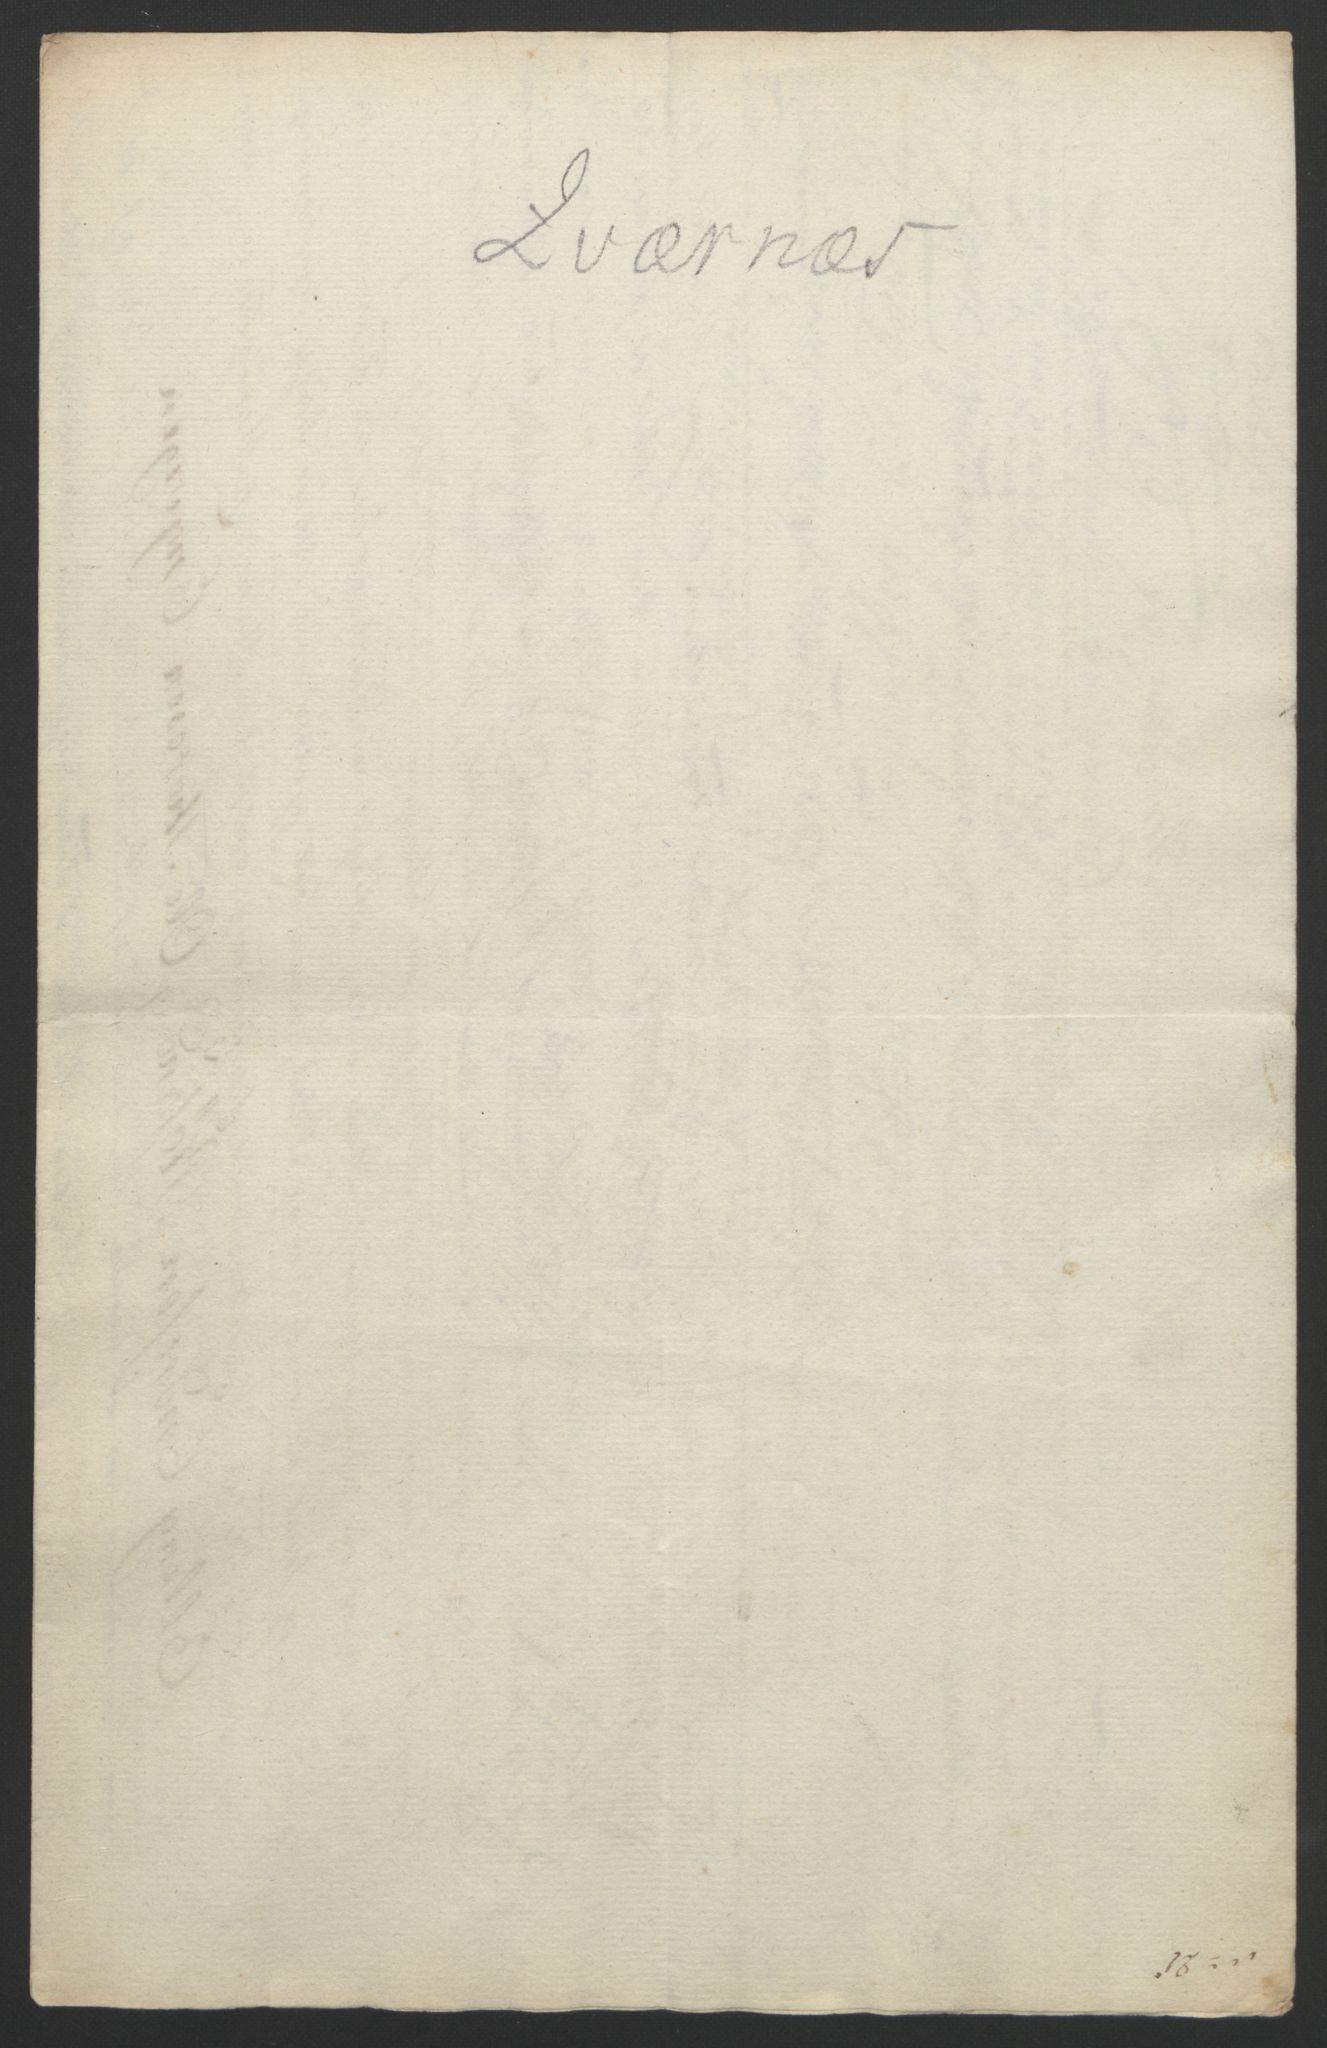 RA, Statsrådssekretariatet, D/Db/L0008: Fullmakter for Eidsvollsrepresentantene i 1814. , 1814, s. 385